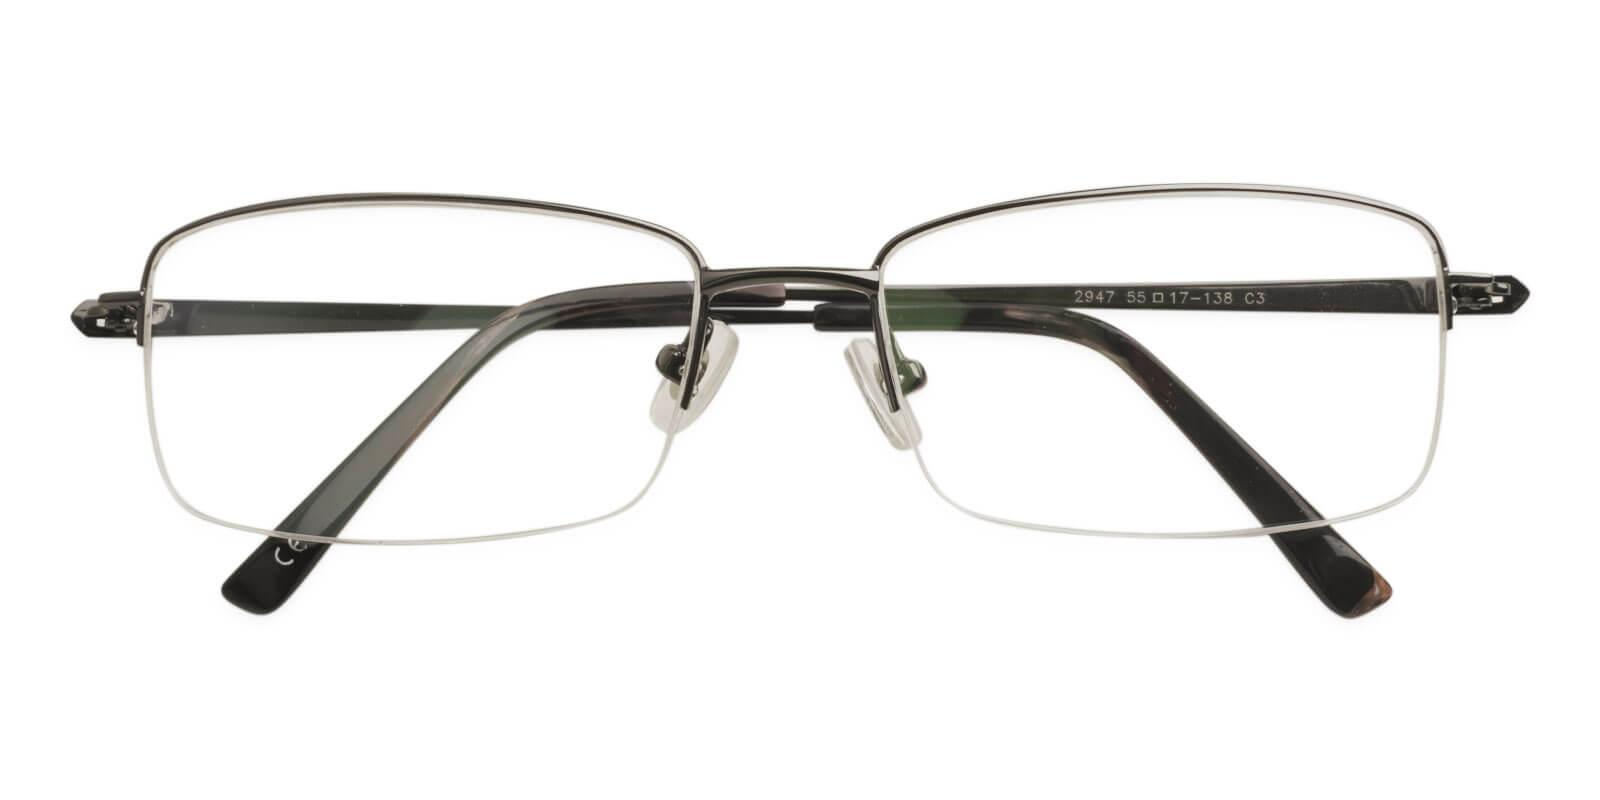 Oliver Gun Titanium Eyeglasses , NosePads Frames from ABBE Glasses